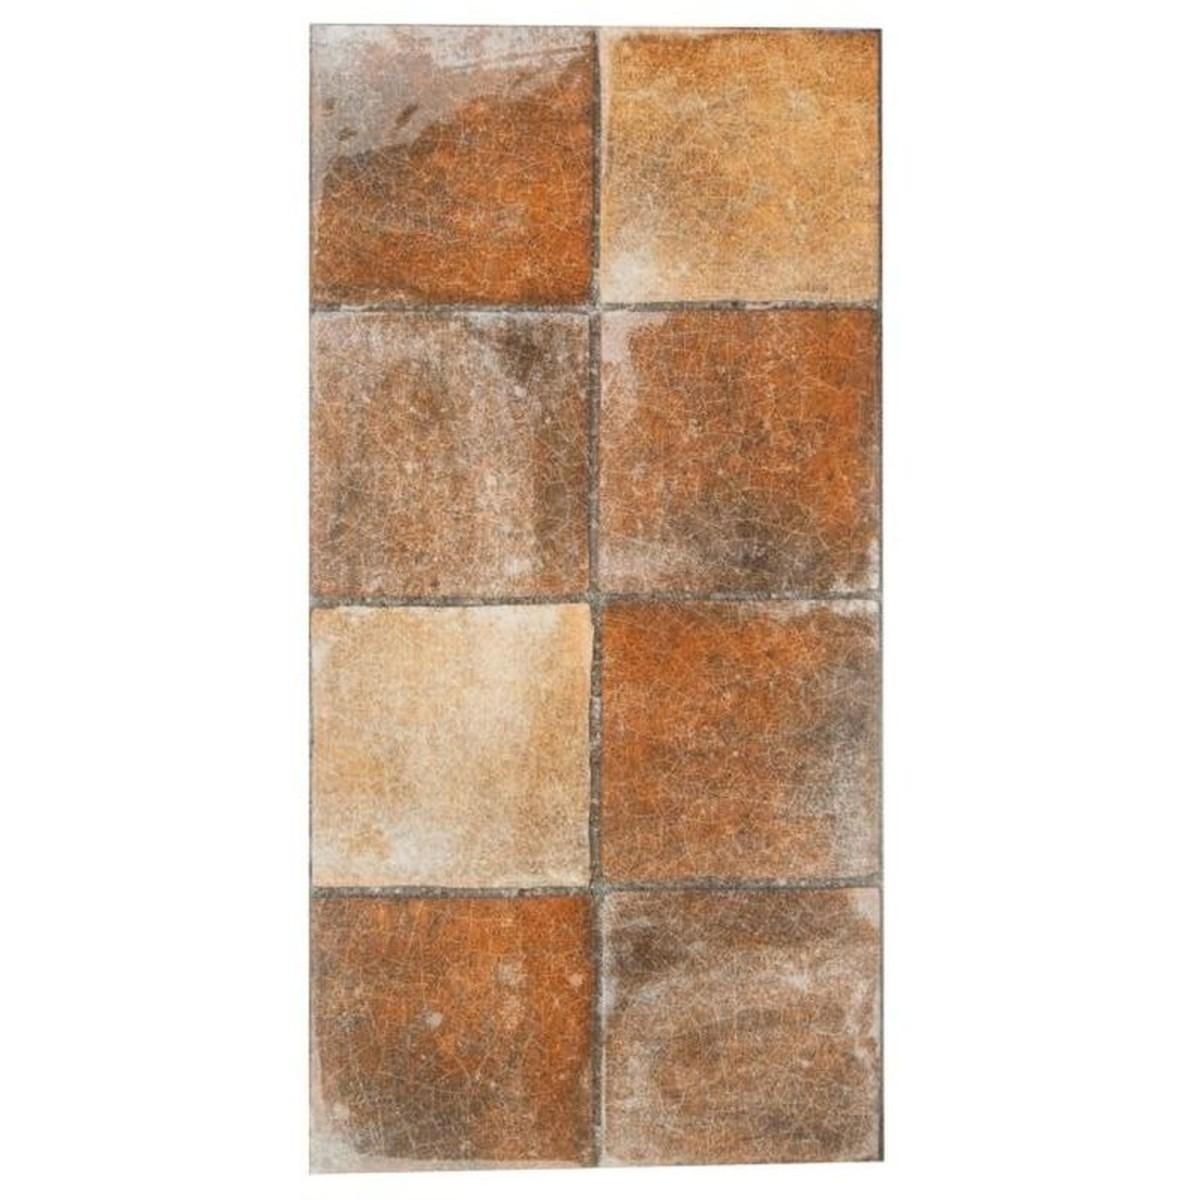 Плитка настенная Лофт 15-740 20х40 см 1.28 м2 цвет коричневый